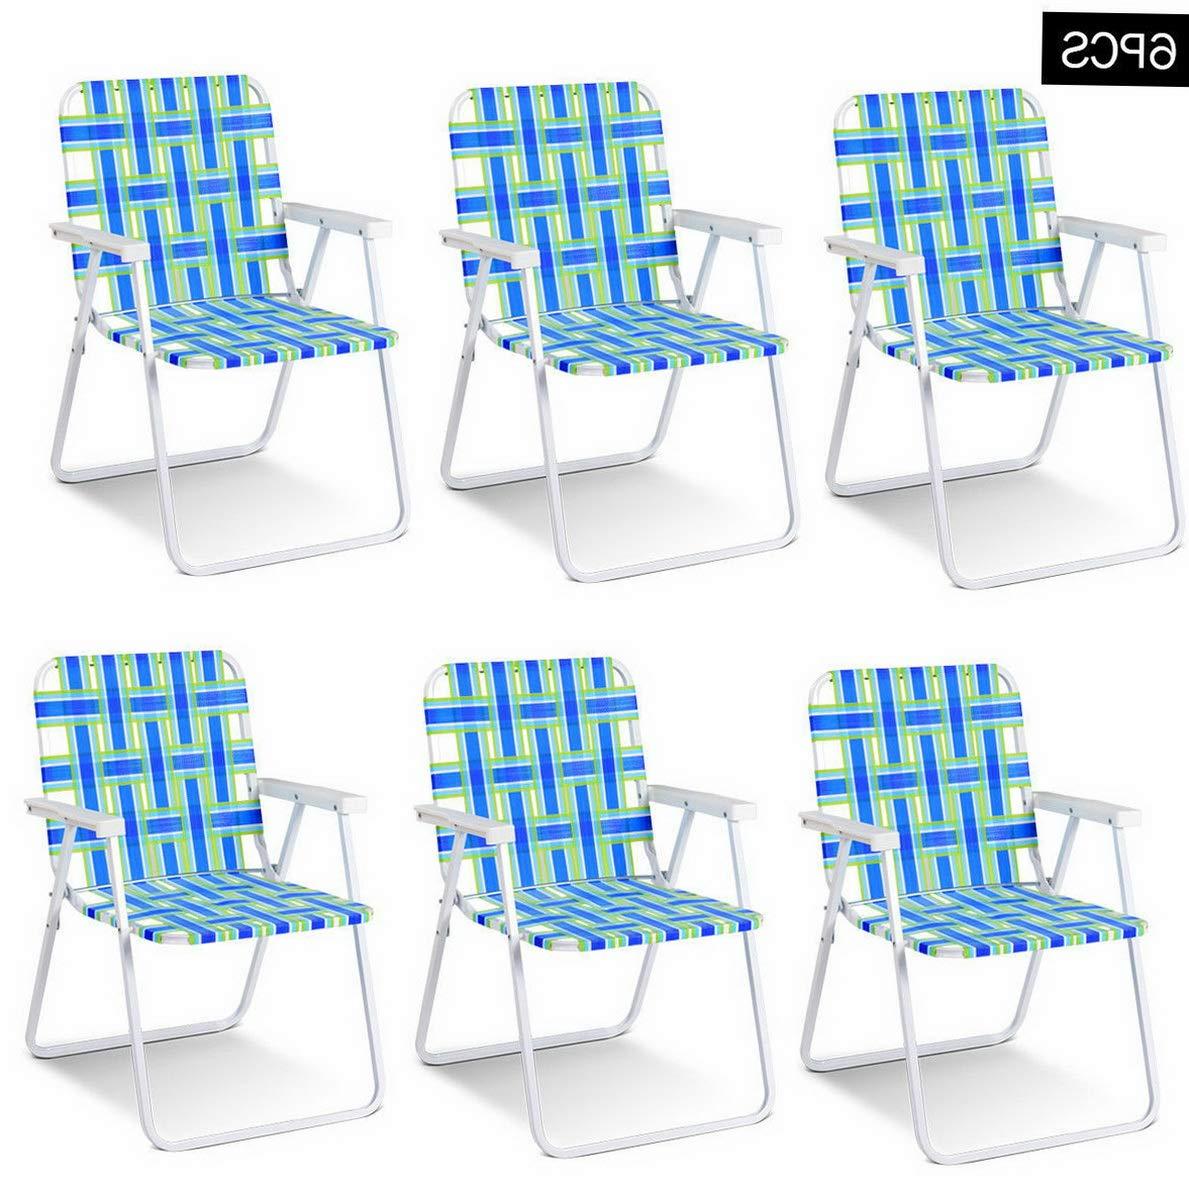 Kaputar 6pcs Folding Beach Chair Camping Lawn Webbing Chair Lightweight 1 Position Blue | Model CMPNGCHR - 160